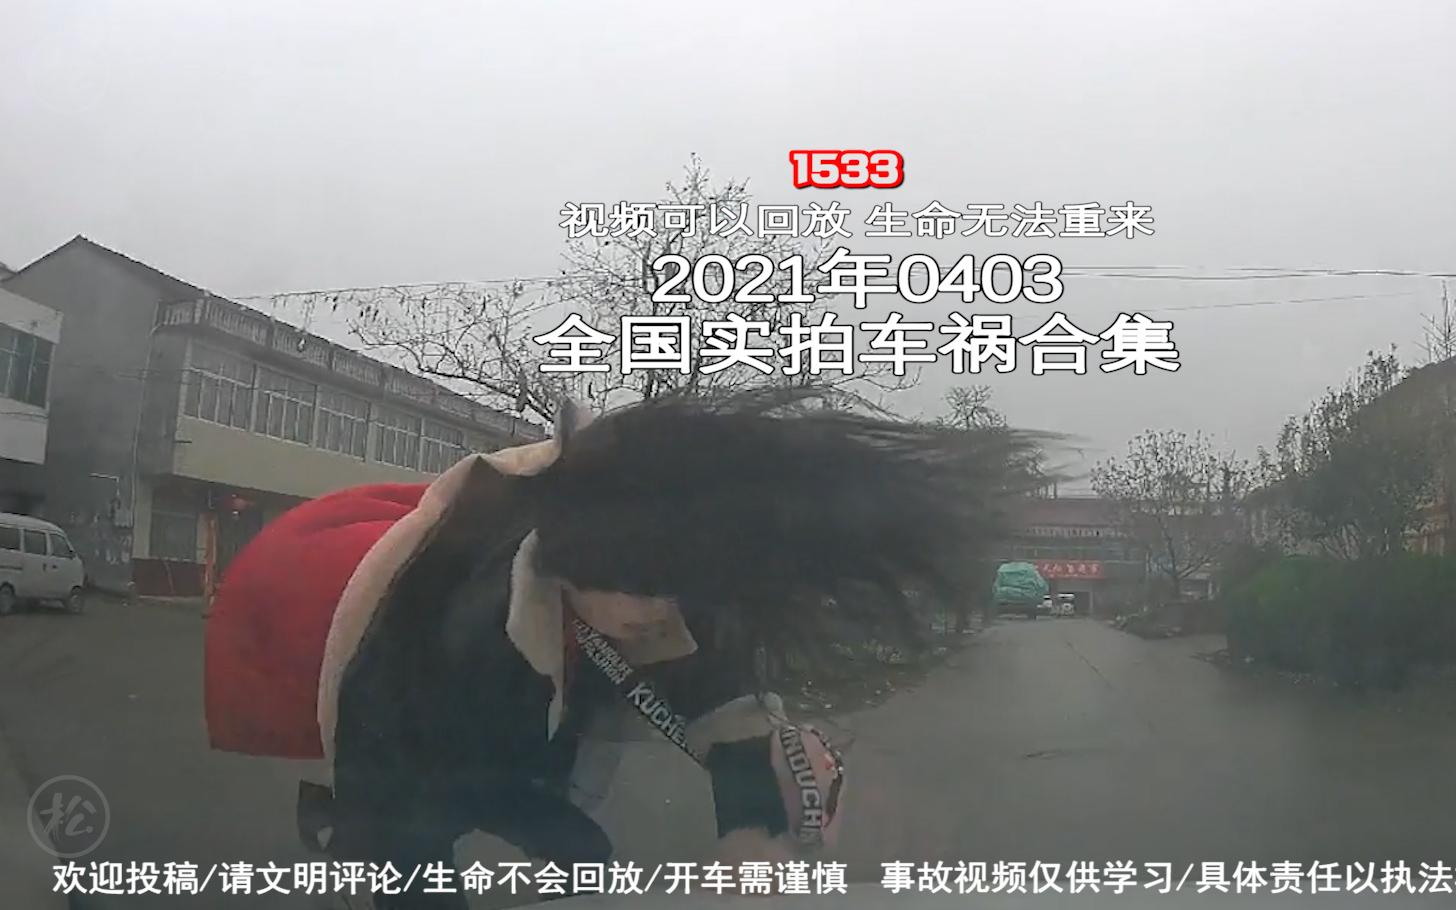 1533期:男子酒后不戴头盔驾驶摩托车超速强闯关卡,17秒后车毁人亡【20210403全国车祸合集】